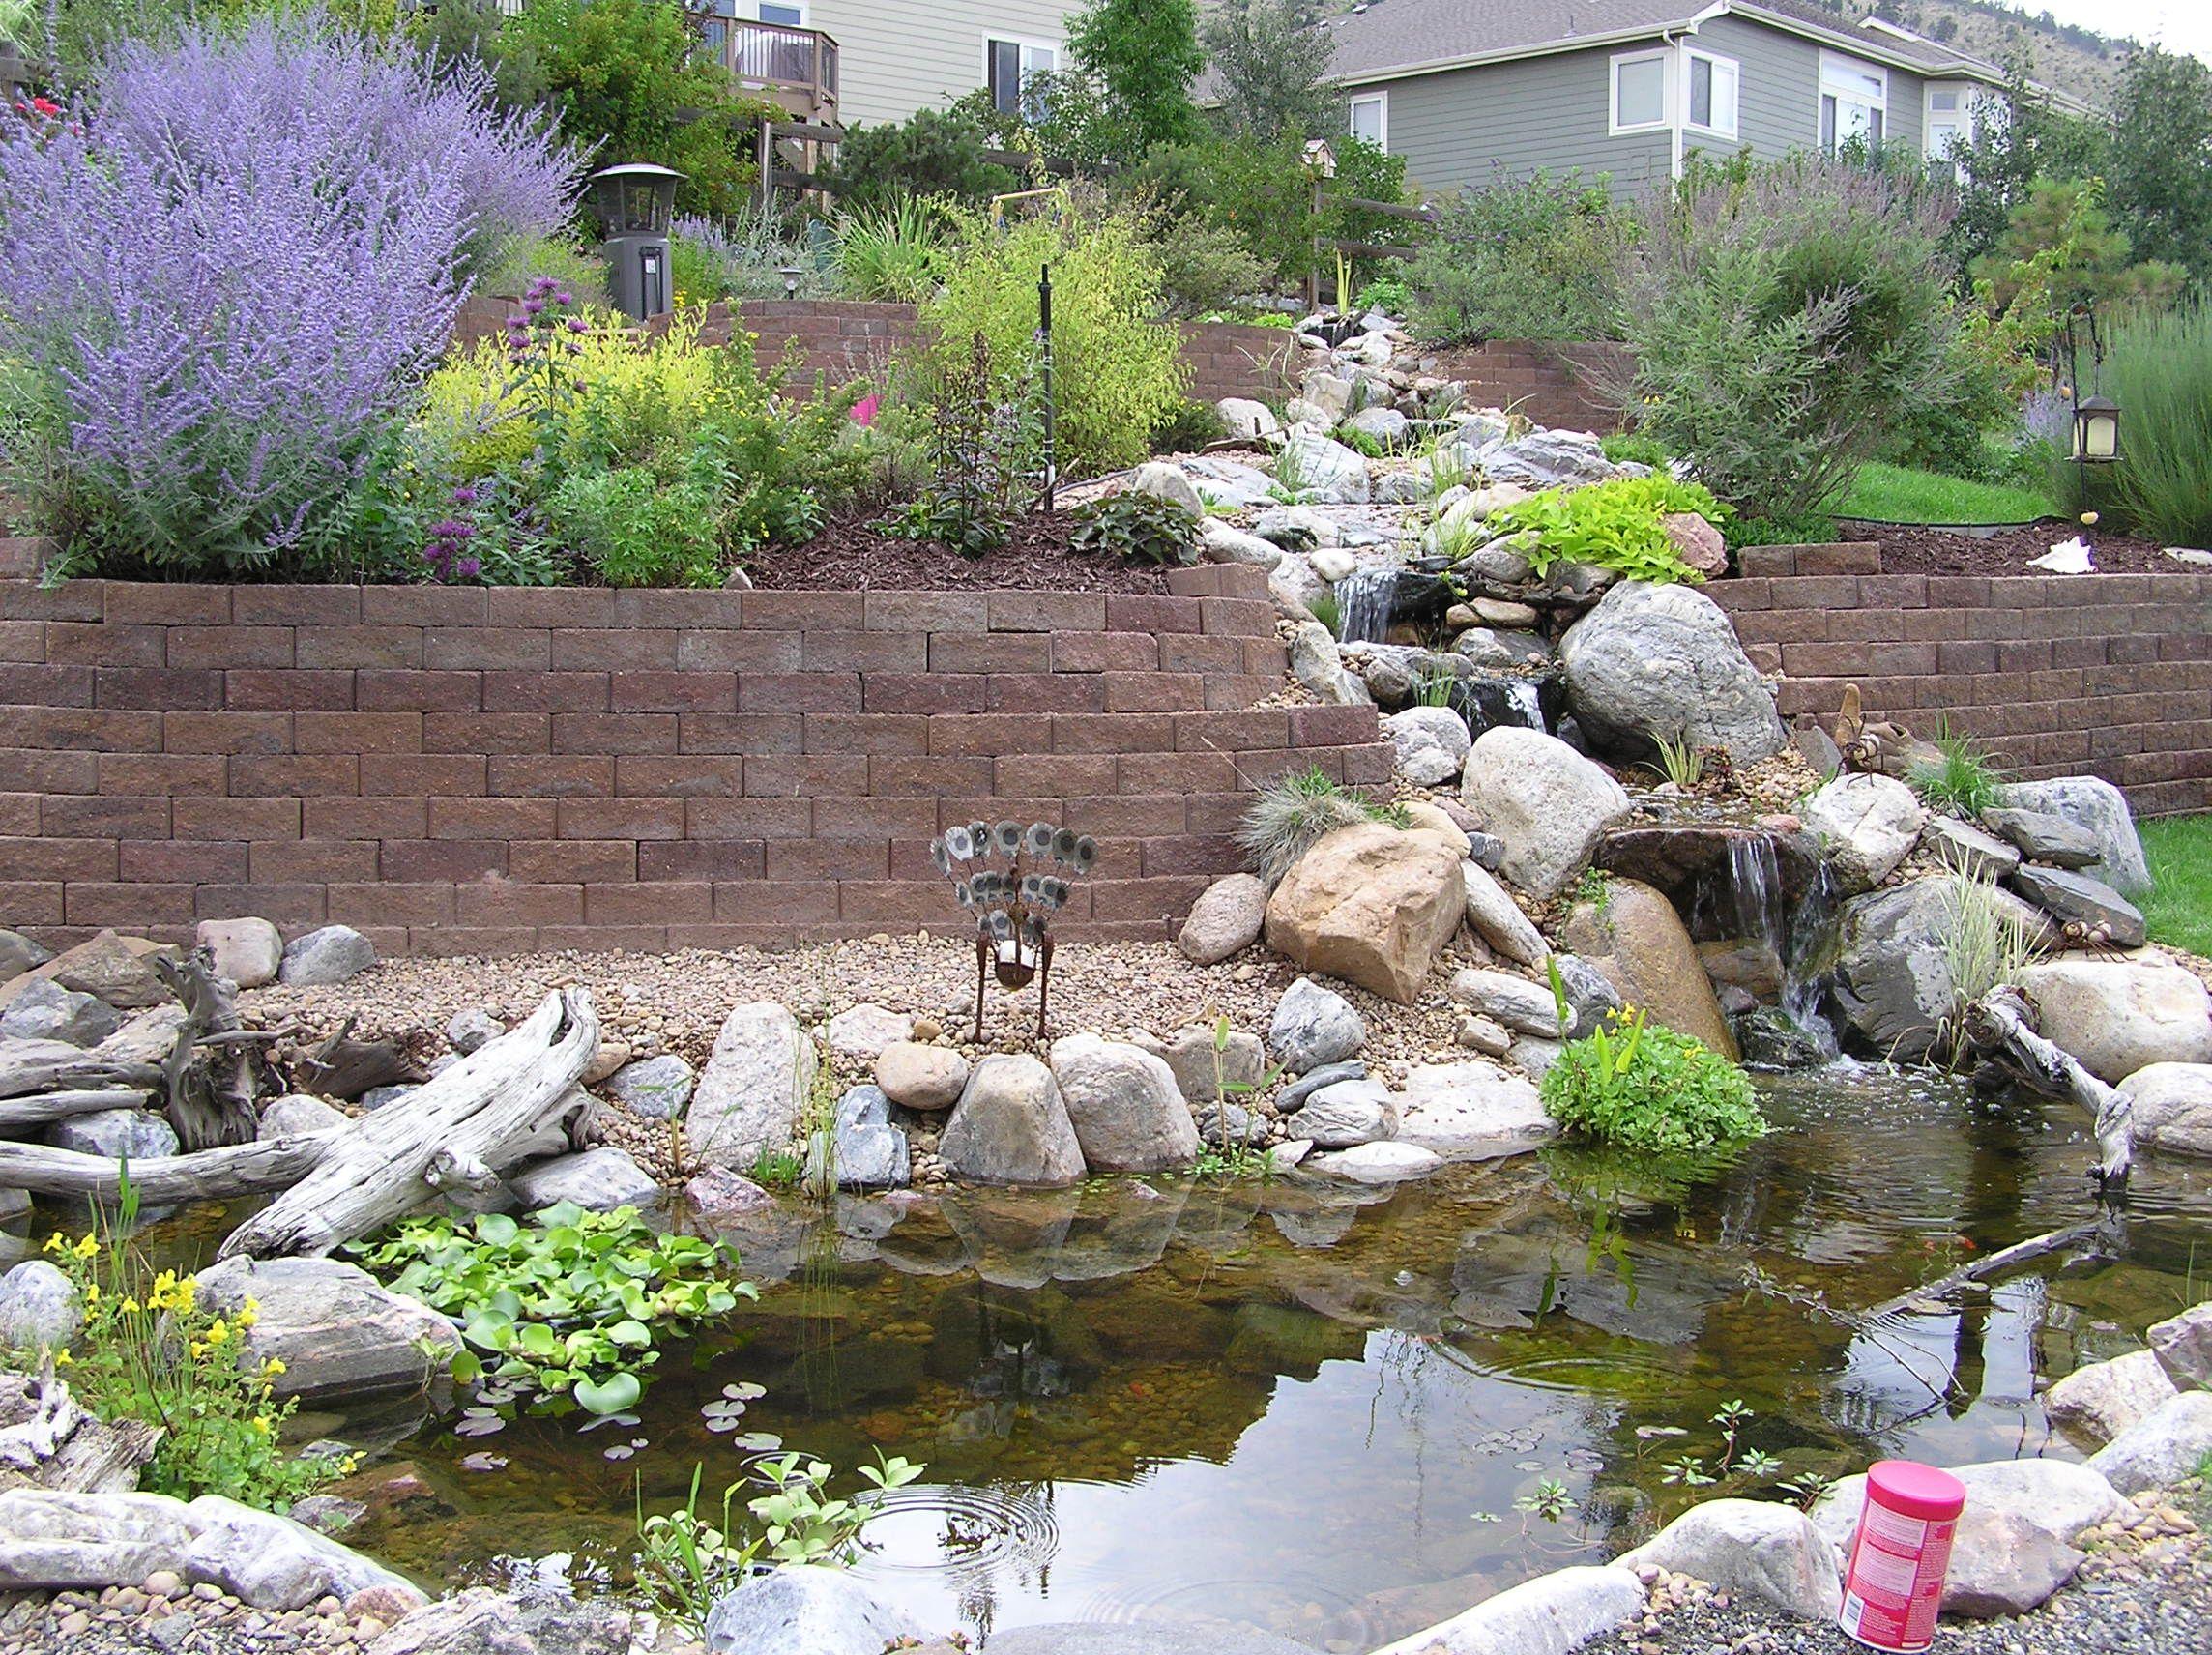 Golden colorado ecosystem pond water gardens koi for Koi pool water gardens thornton